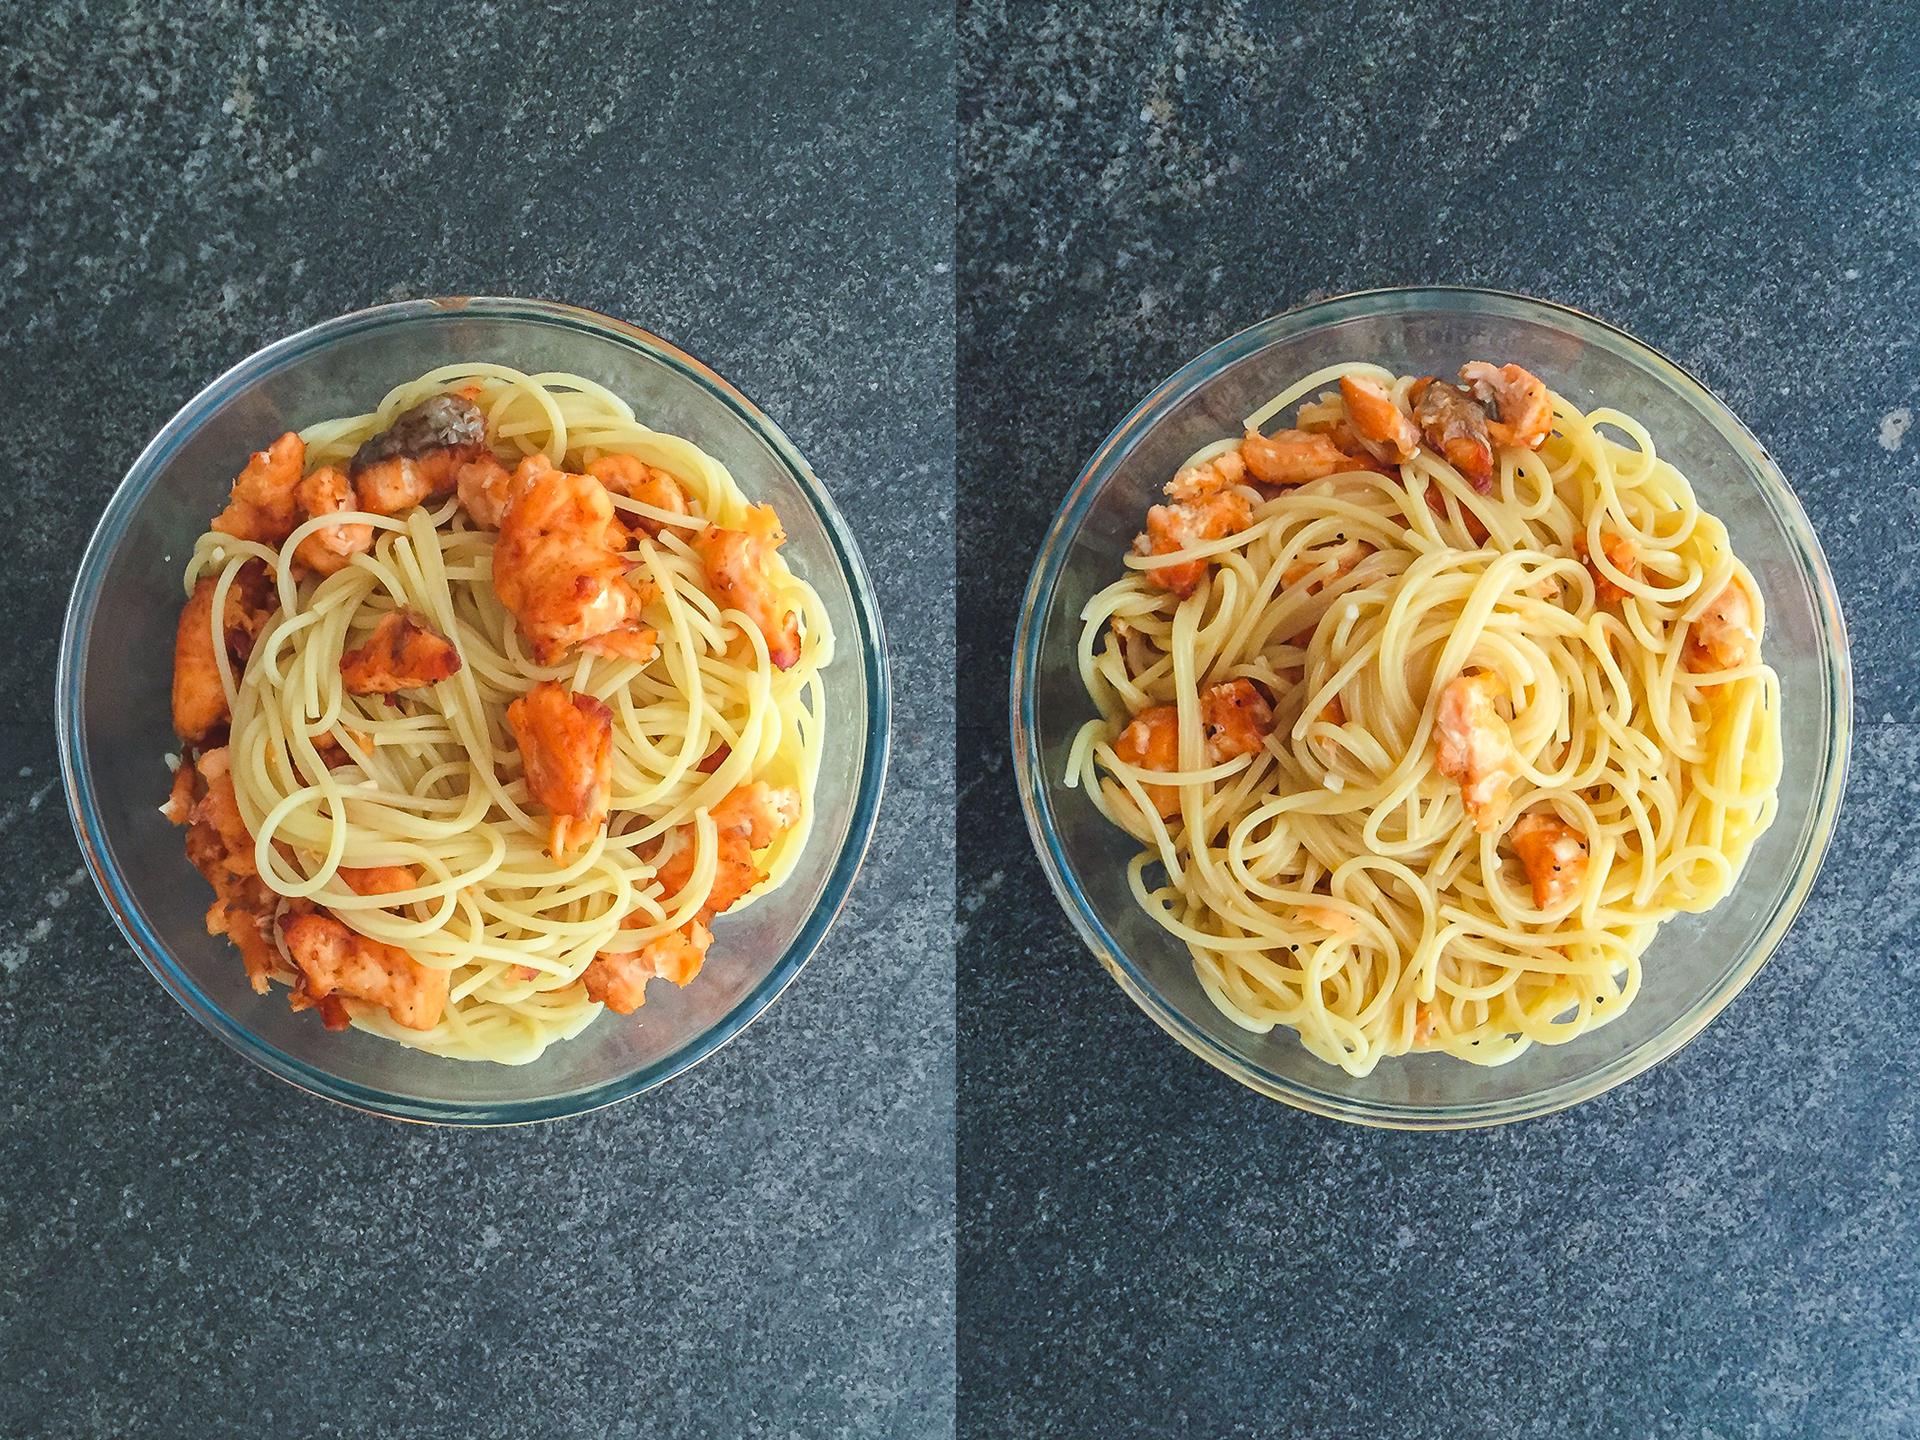 Step 3.1 of No Cream Carbonara with Crispy Salmon